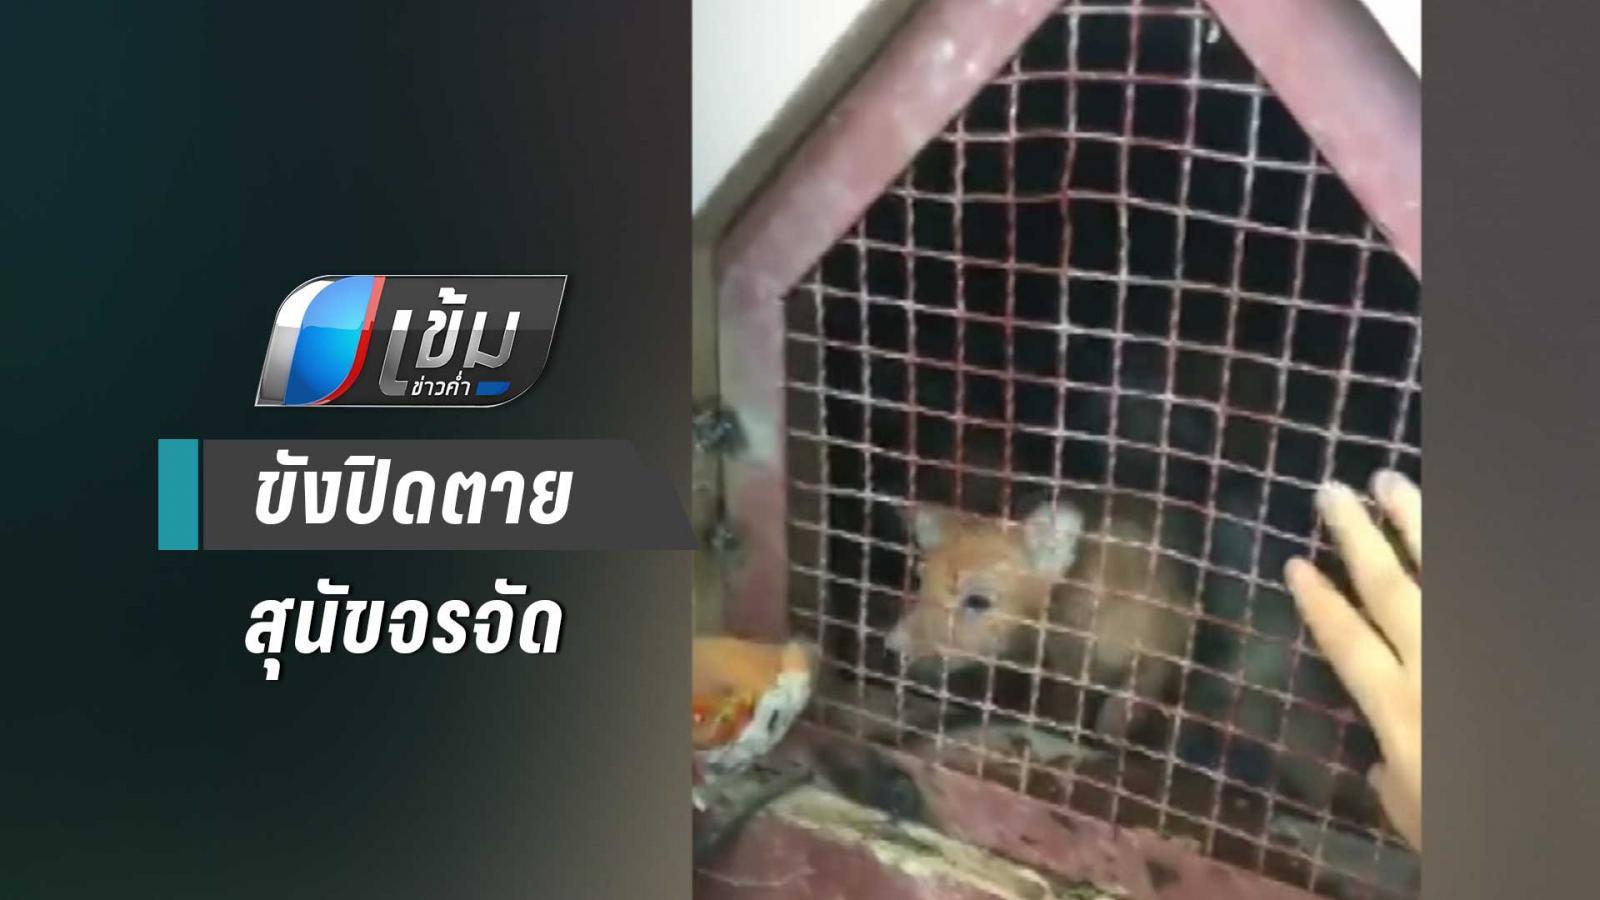 """""""วอชด็อก ไทยแลนด์"""" ช่วยสุนัขหิวโซกว่า 10 ตัว  ถูกขังปิดตายใต้ถุนศาลากลางเชียงใหม่"""